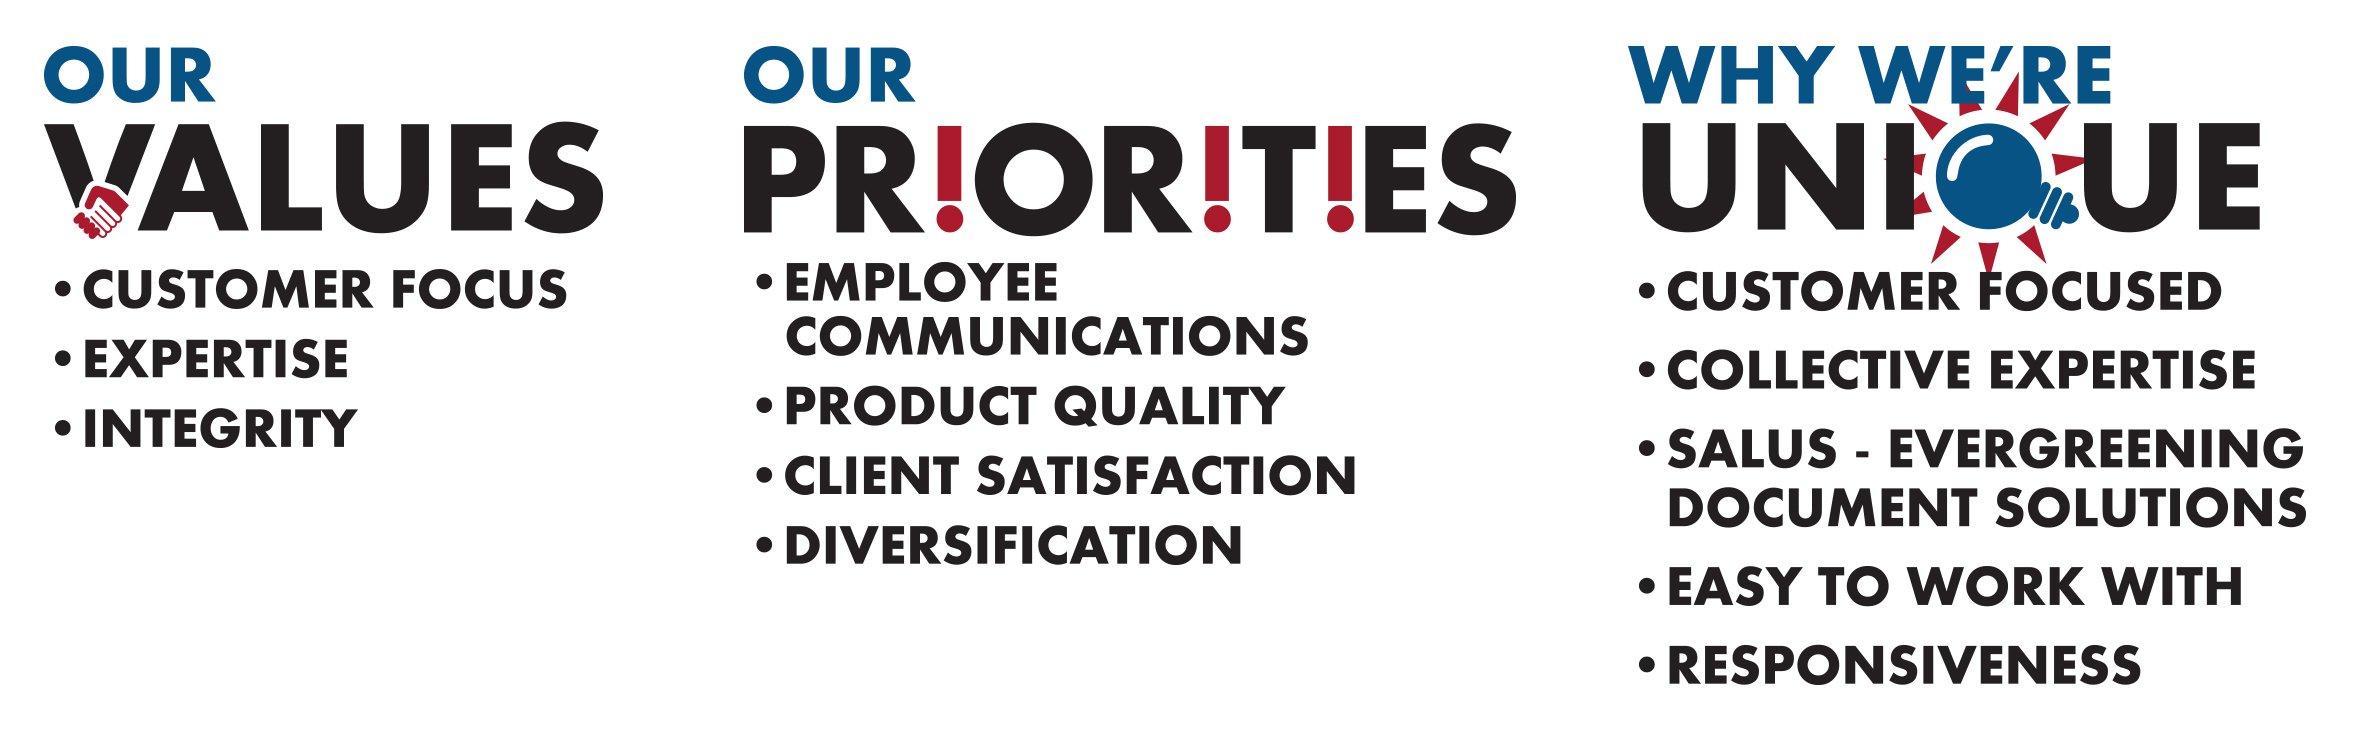 Smith & Burgess Values Priorities Unique